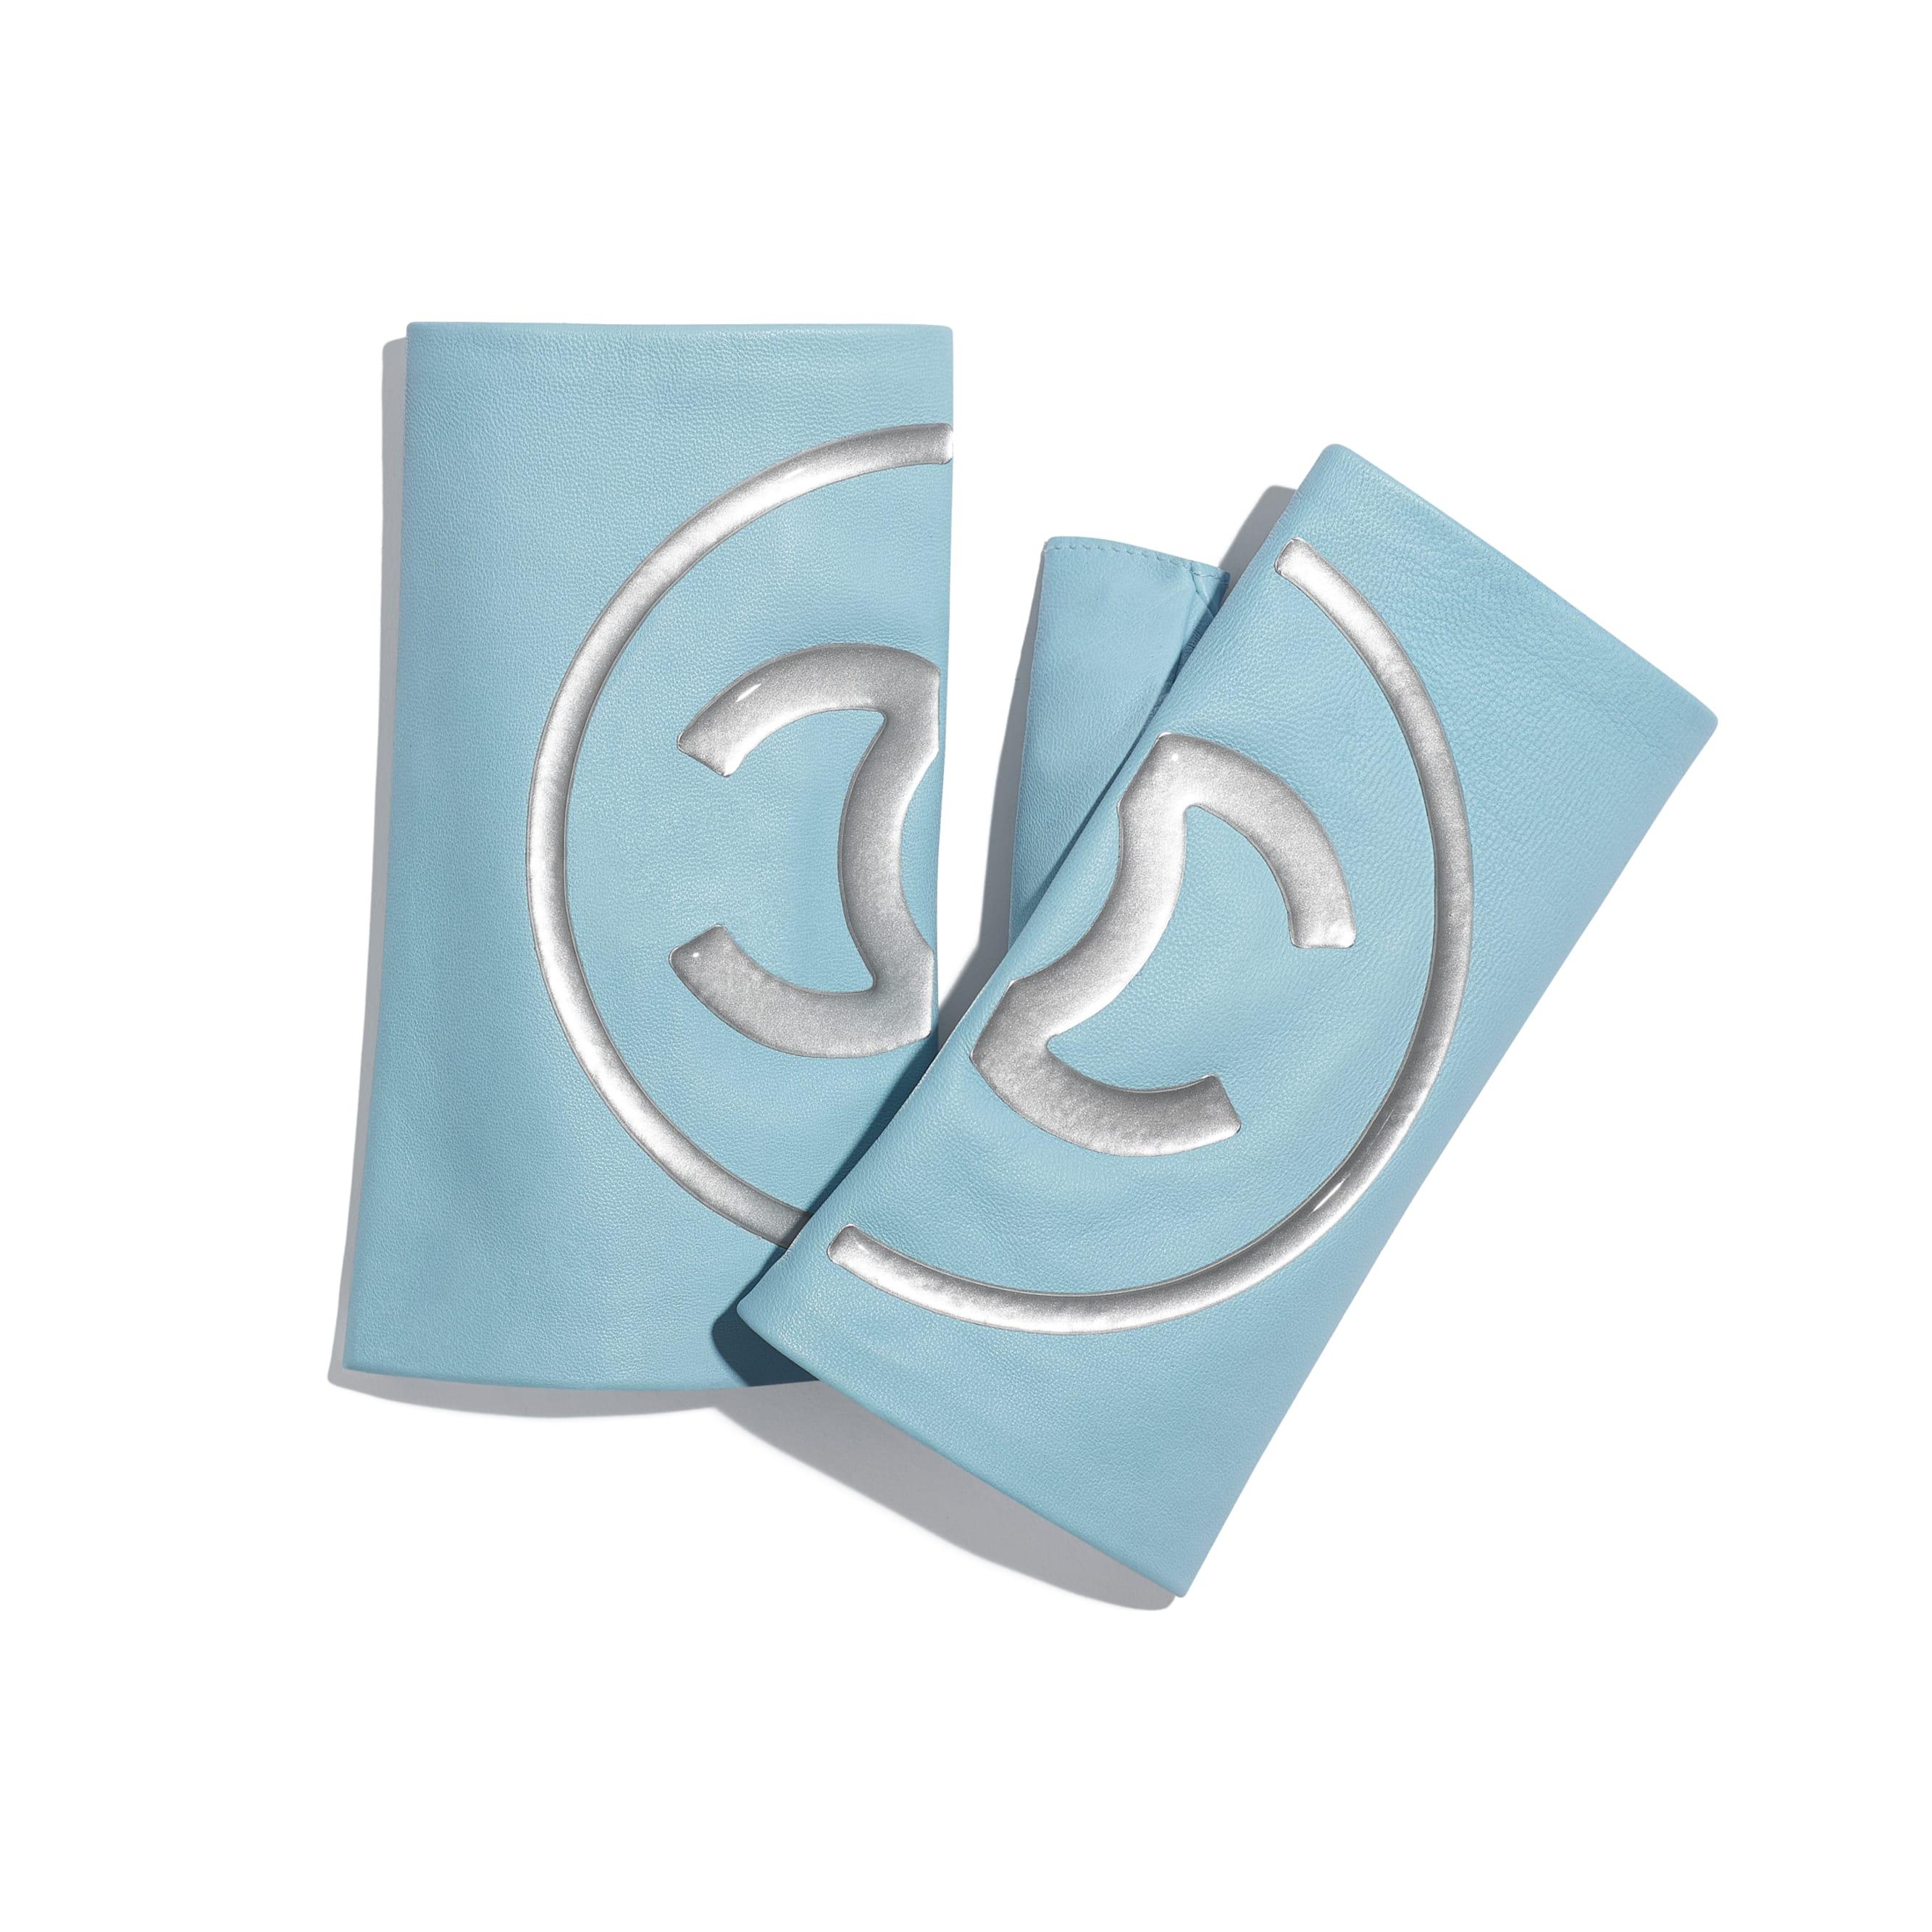 Rękawiczki - Kolor niebieski i szary - Skóra jagnięca - Widok domyślny – zobacz w standardowym rozmiarze